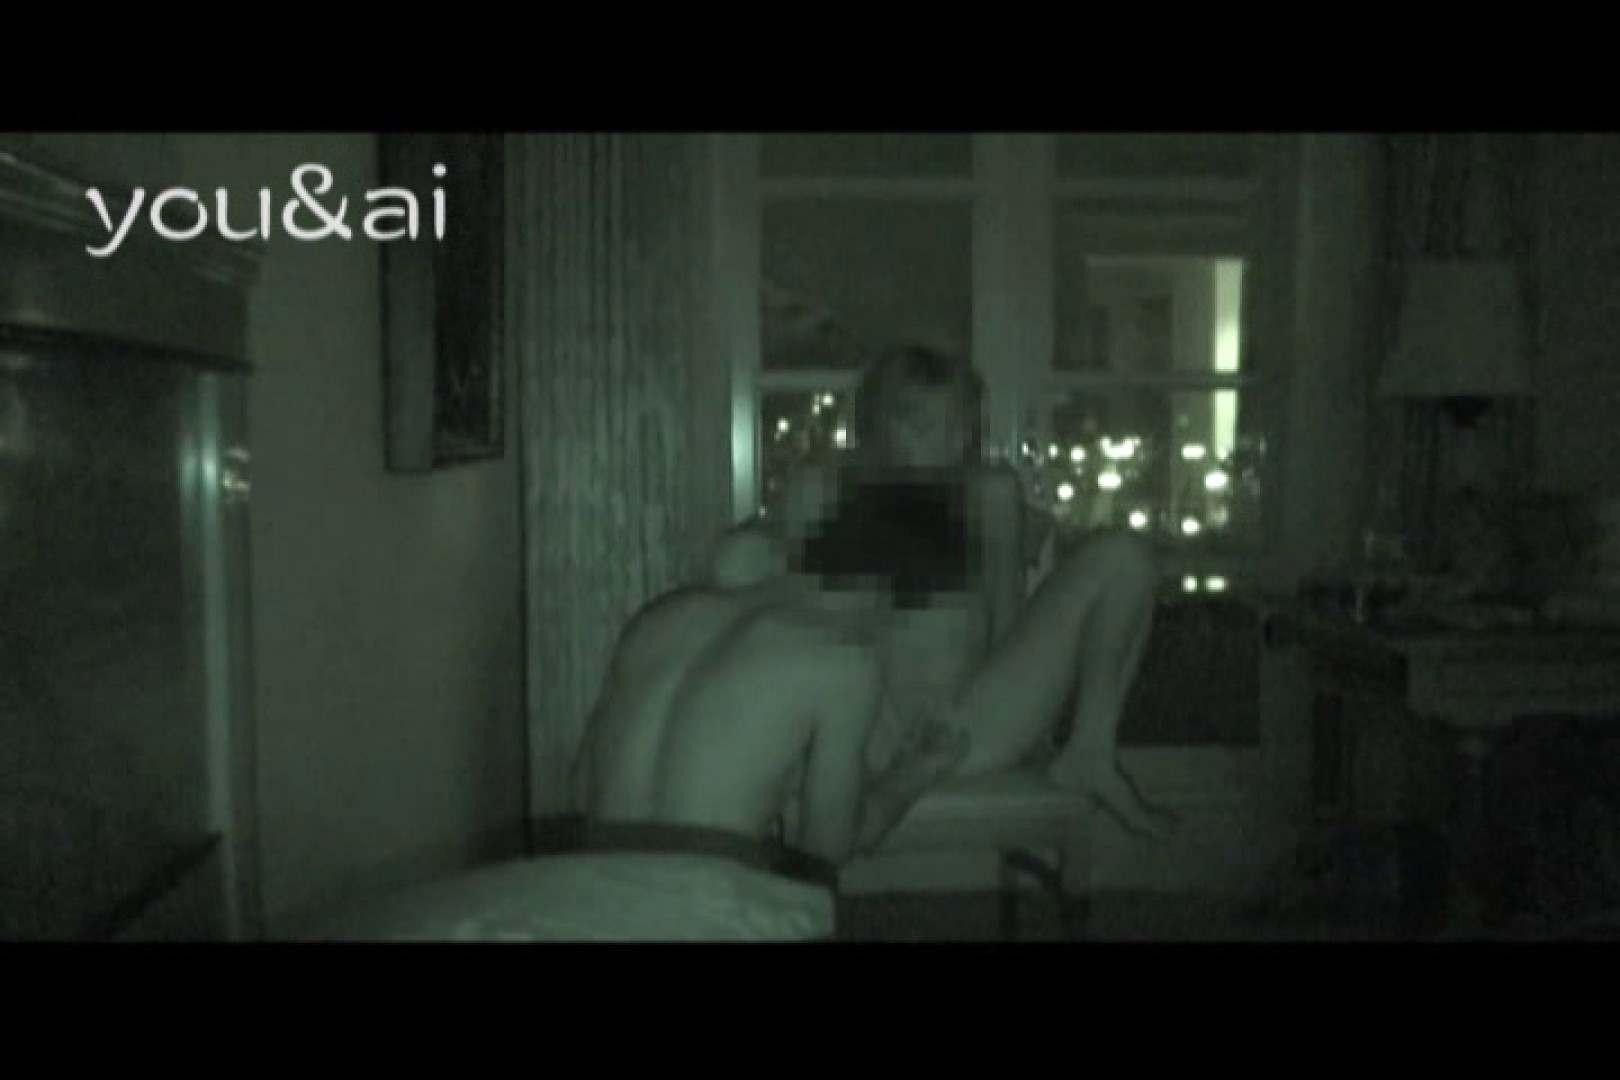 おしどり夫婦のyou&aiさん投稿作品vol.10 ホテル  104連発 48